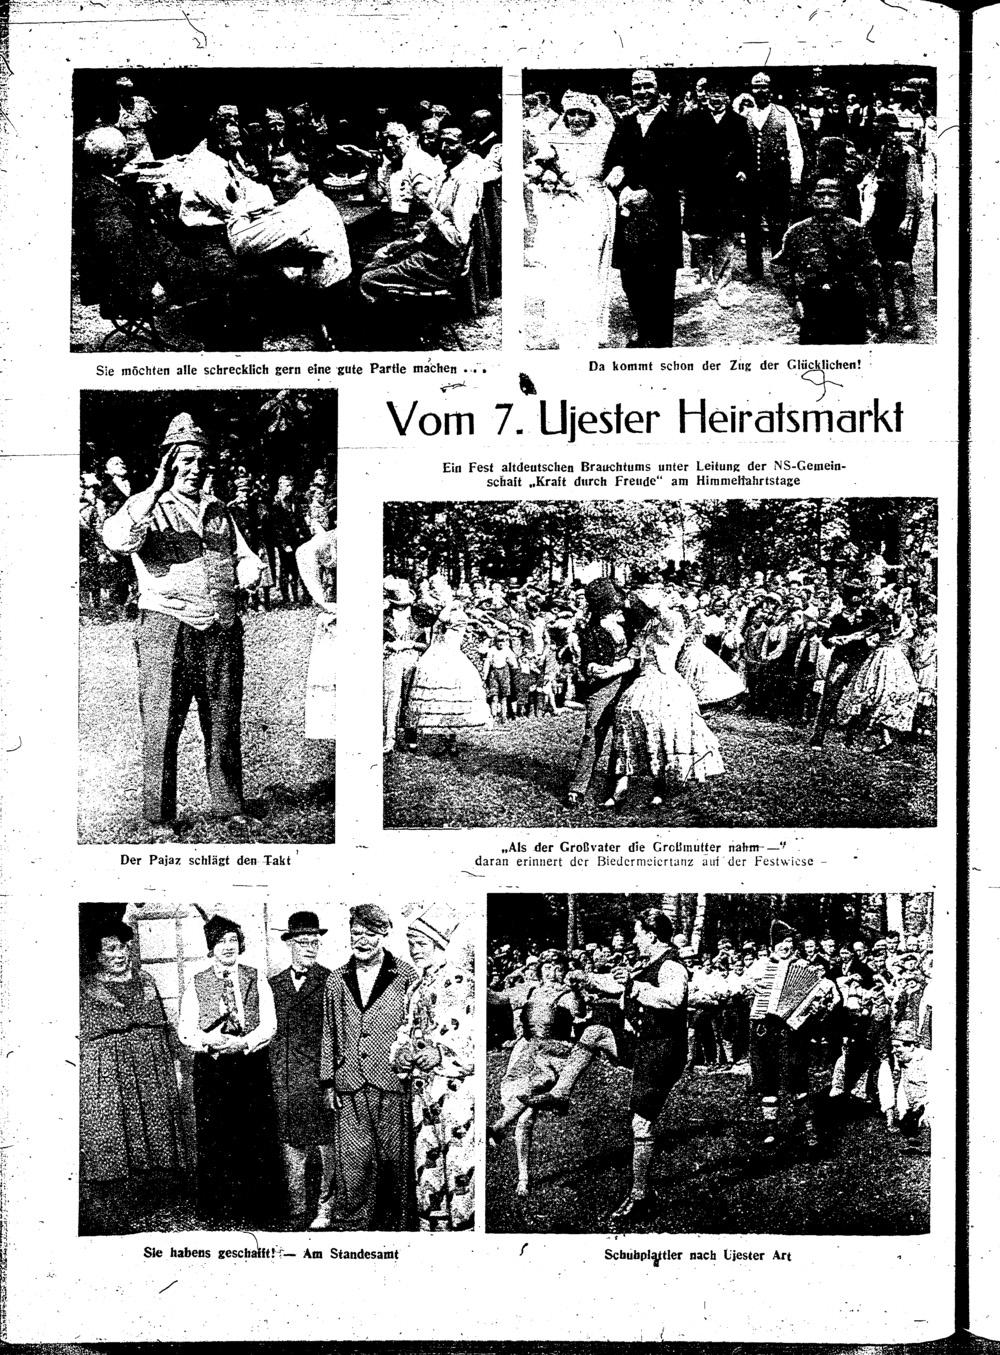 Oberschlesien_im_Bild.17.05.1934.jpeg